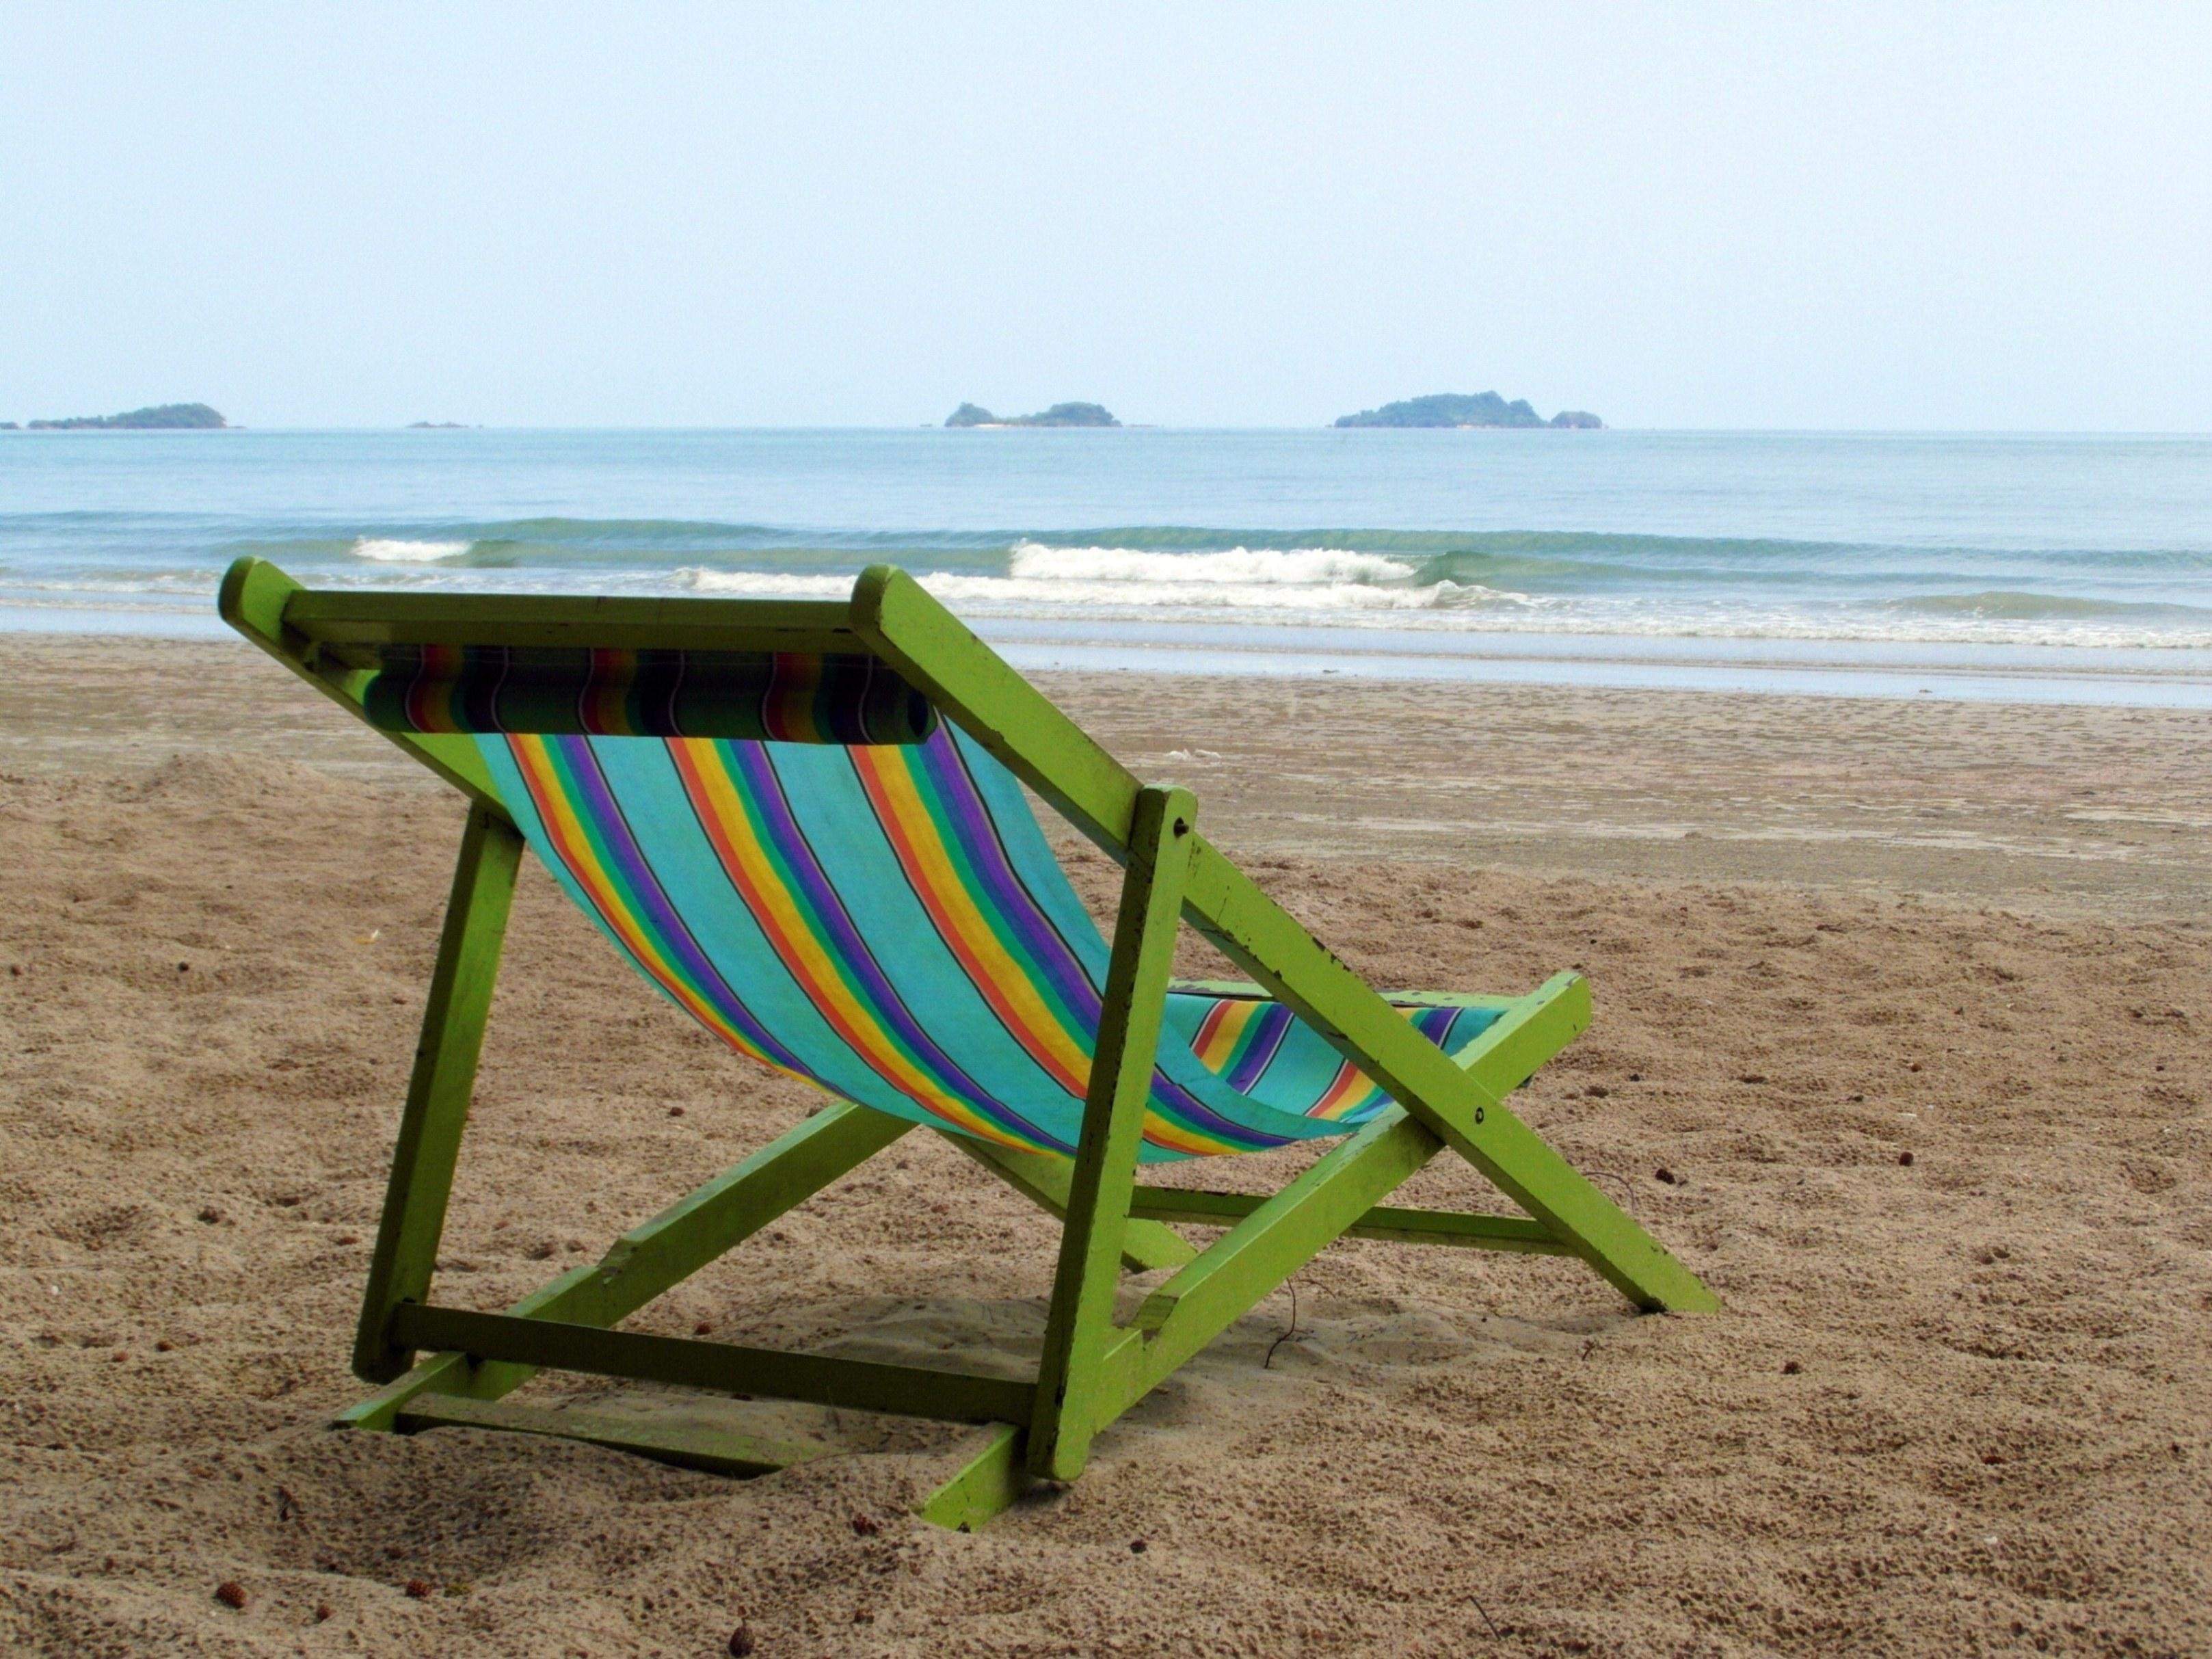 Deckchair on an empty beach photo